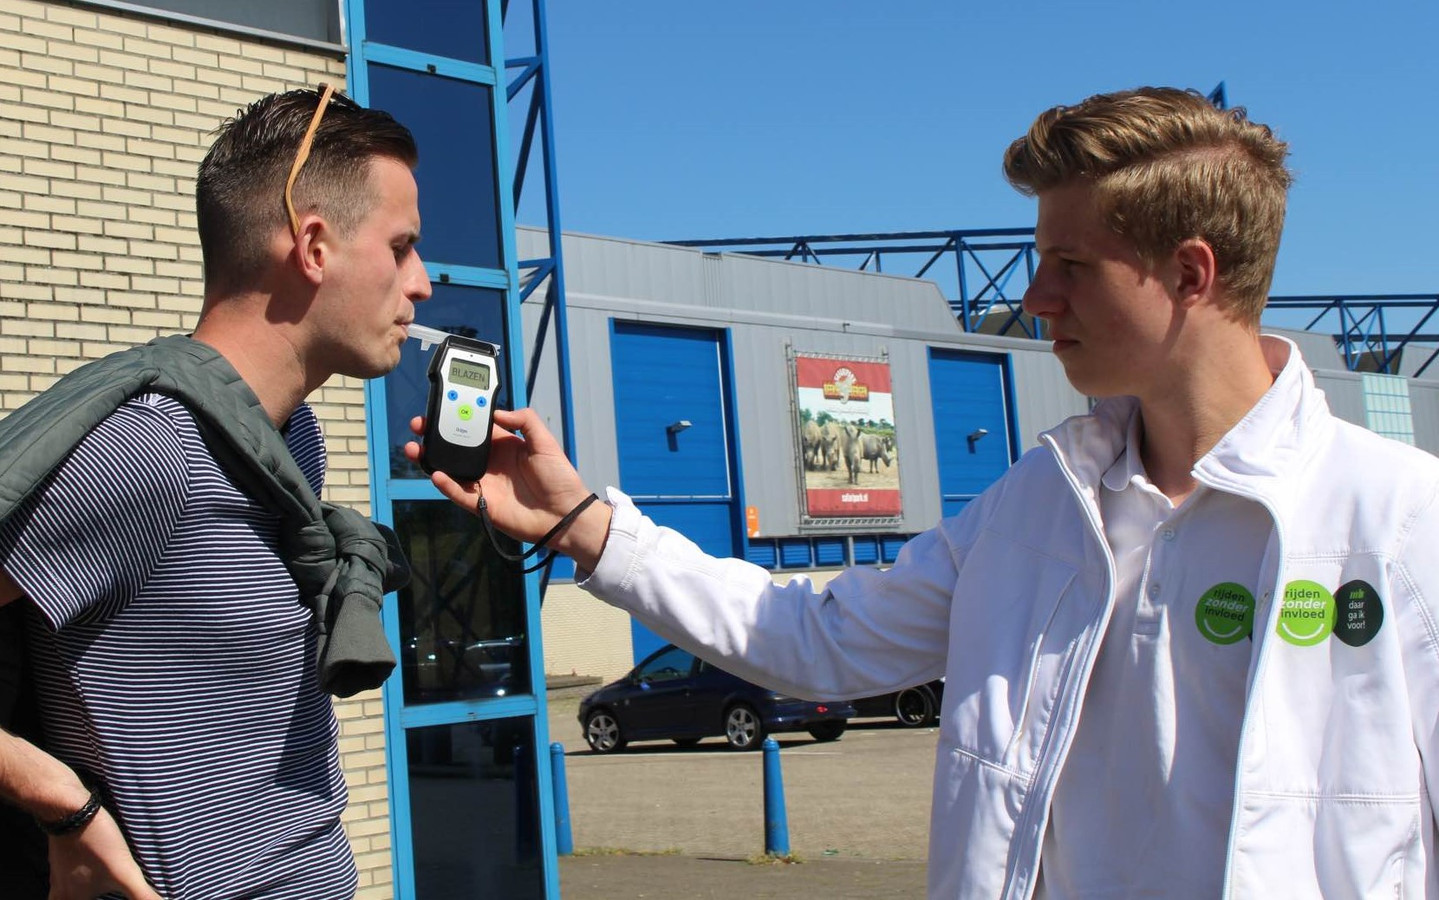 Het campagneteam van Rijden Zonder Invloed is in Gelderland en Overijssel op verschillende locaties aanwezig om mensen vrijwillig een alcohol- of drugstest te laten doen.